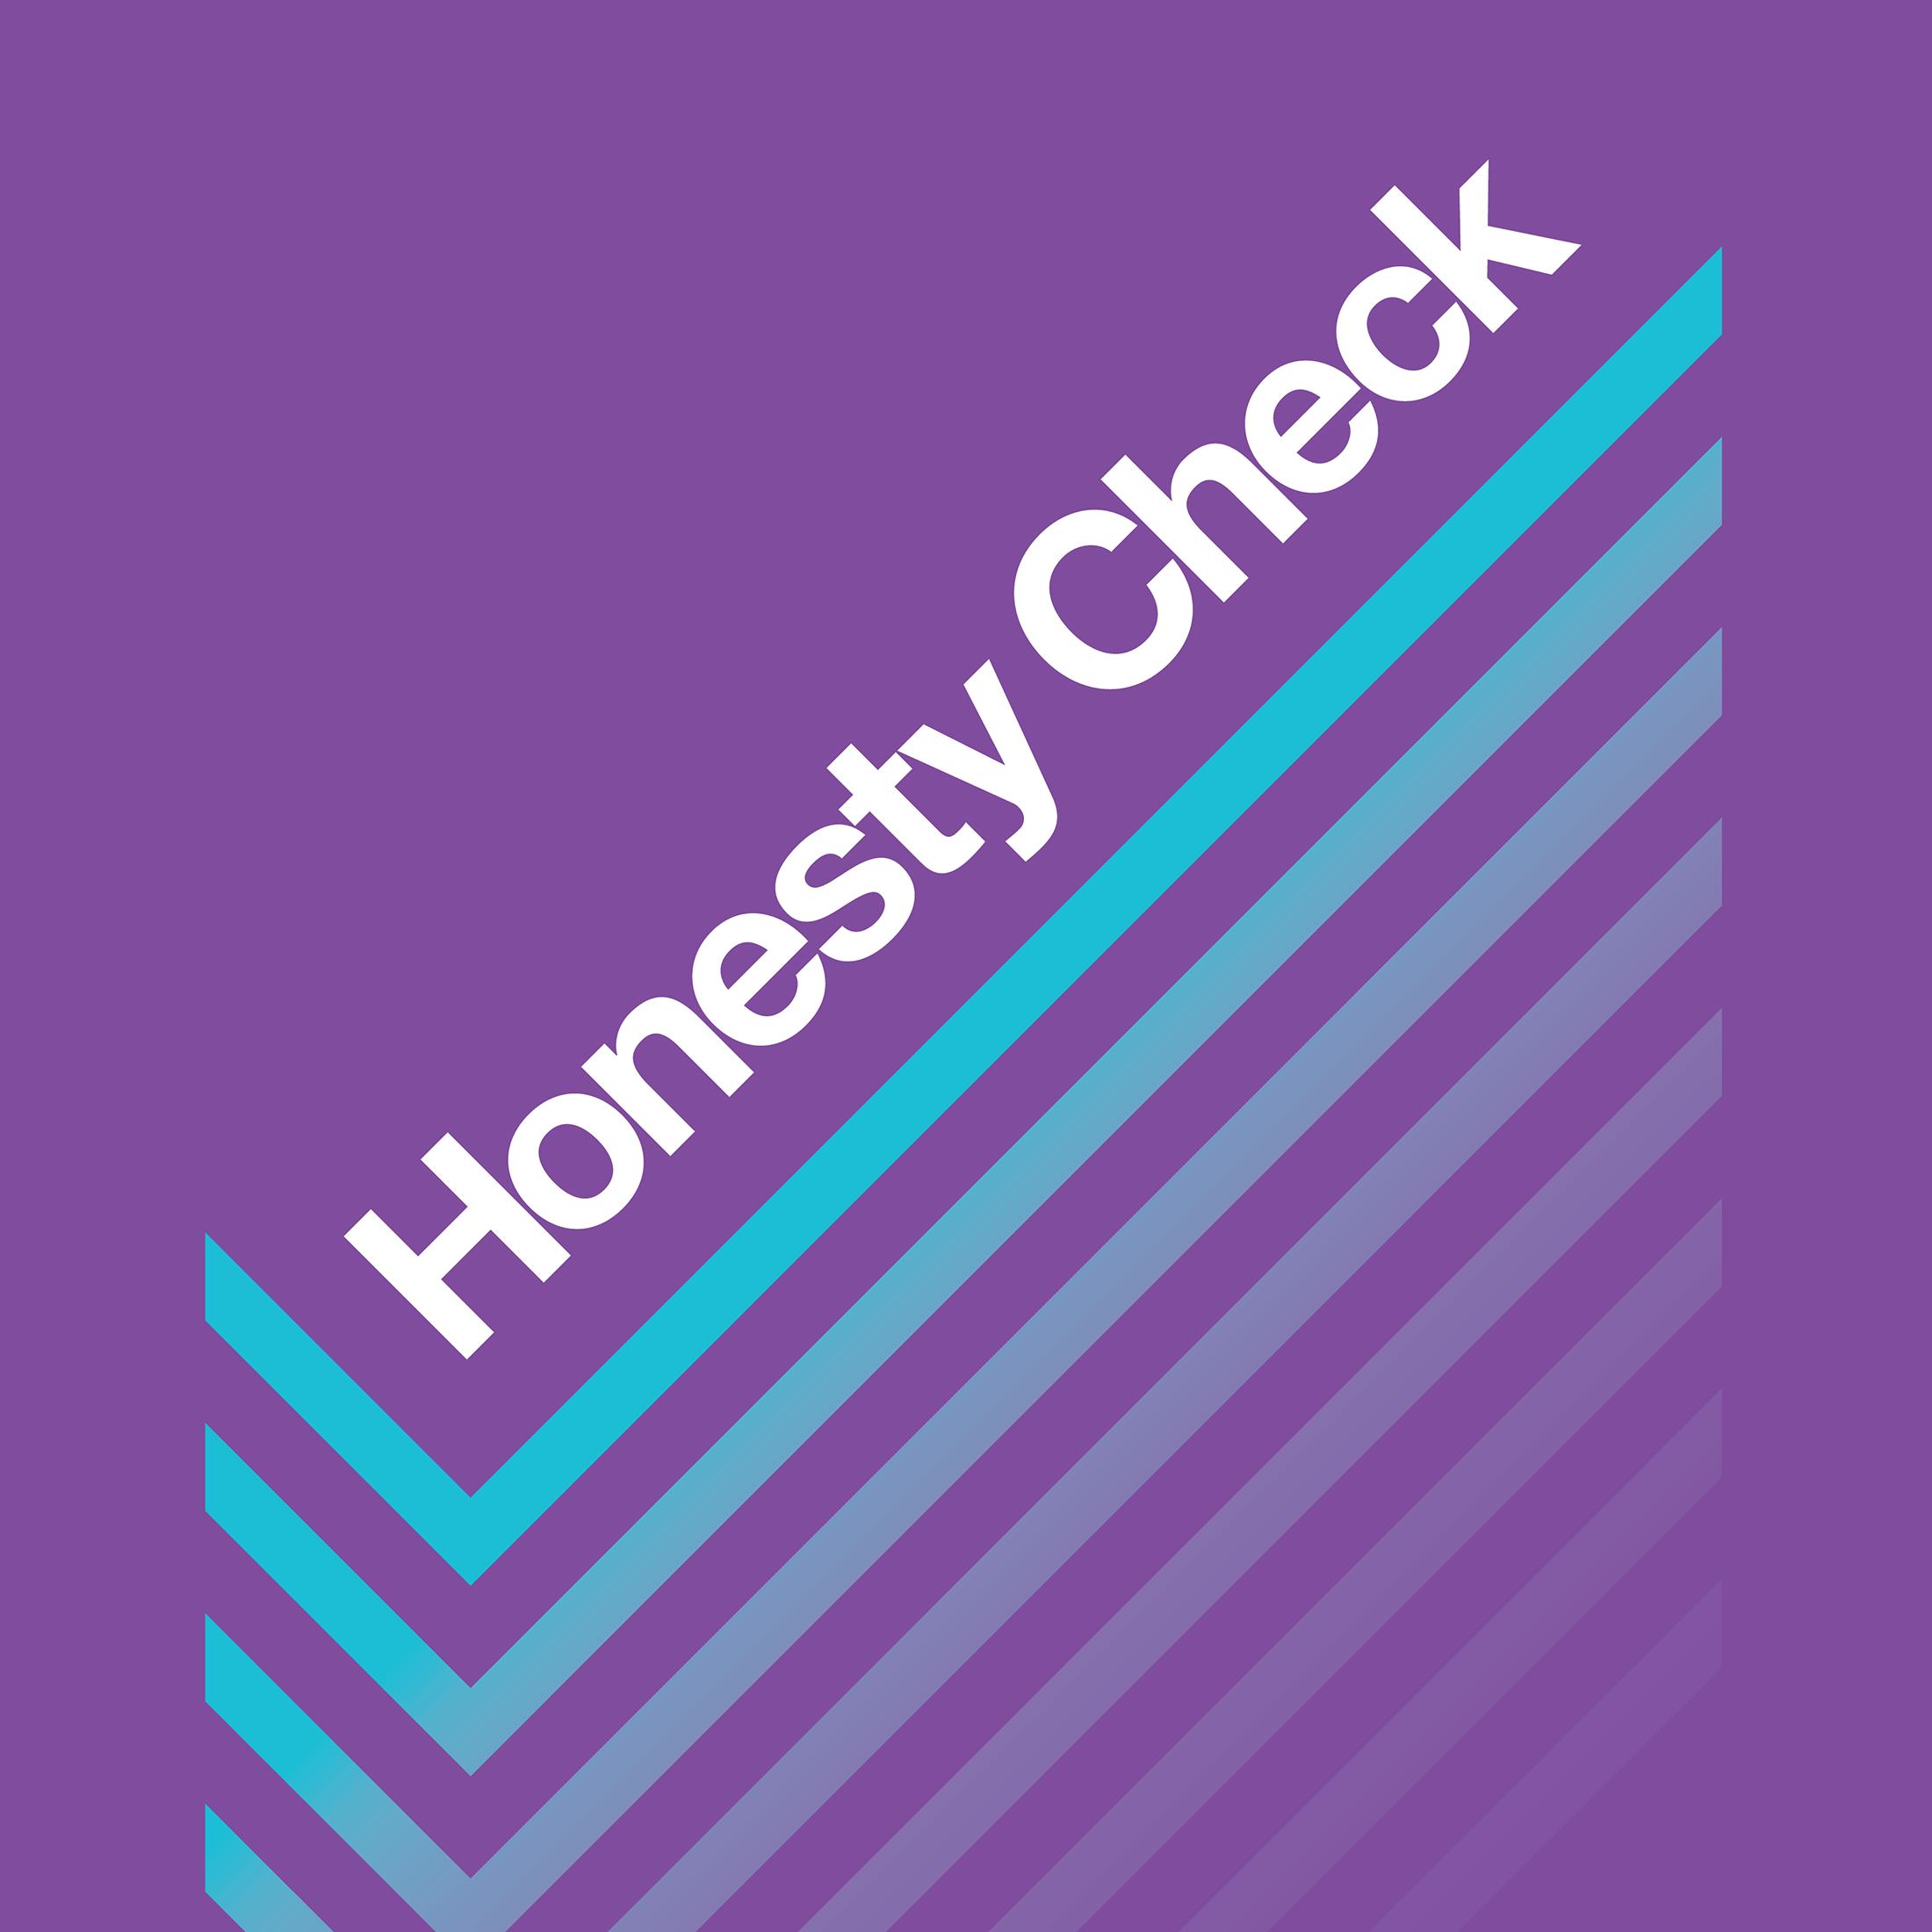 Honesty Check show image